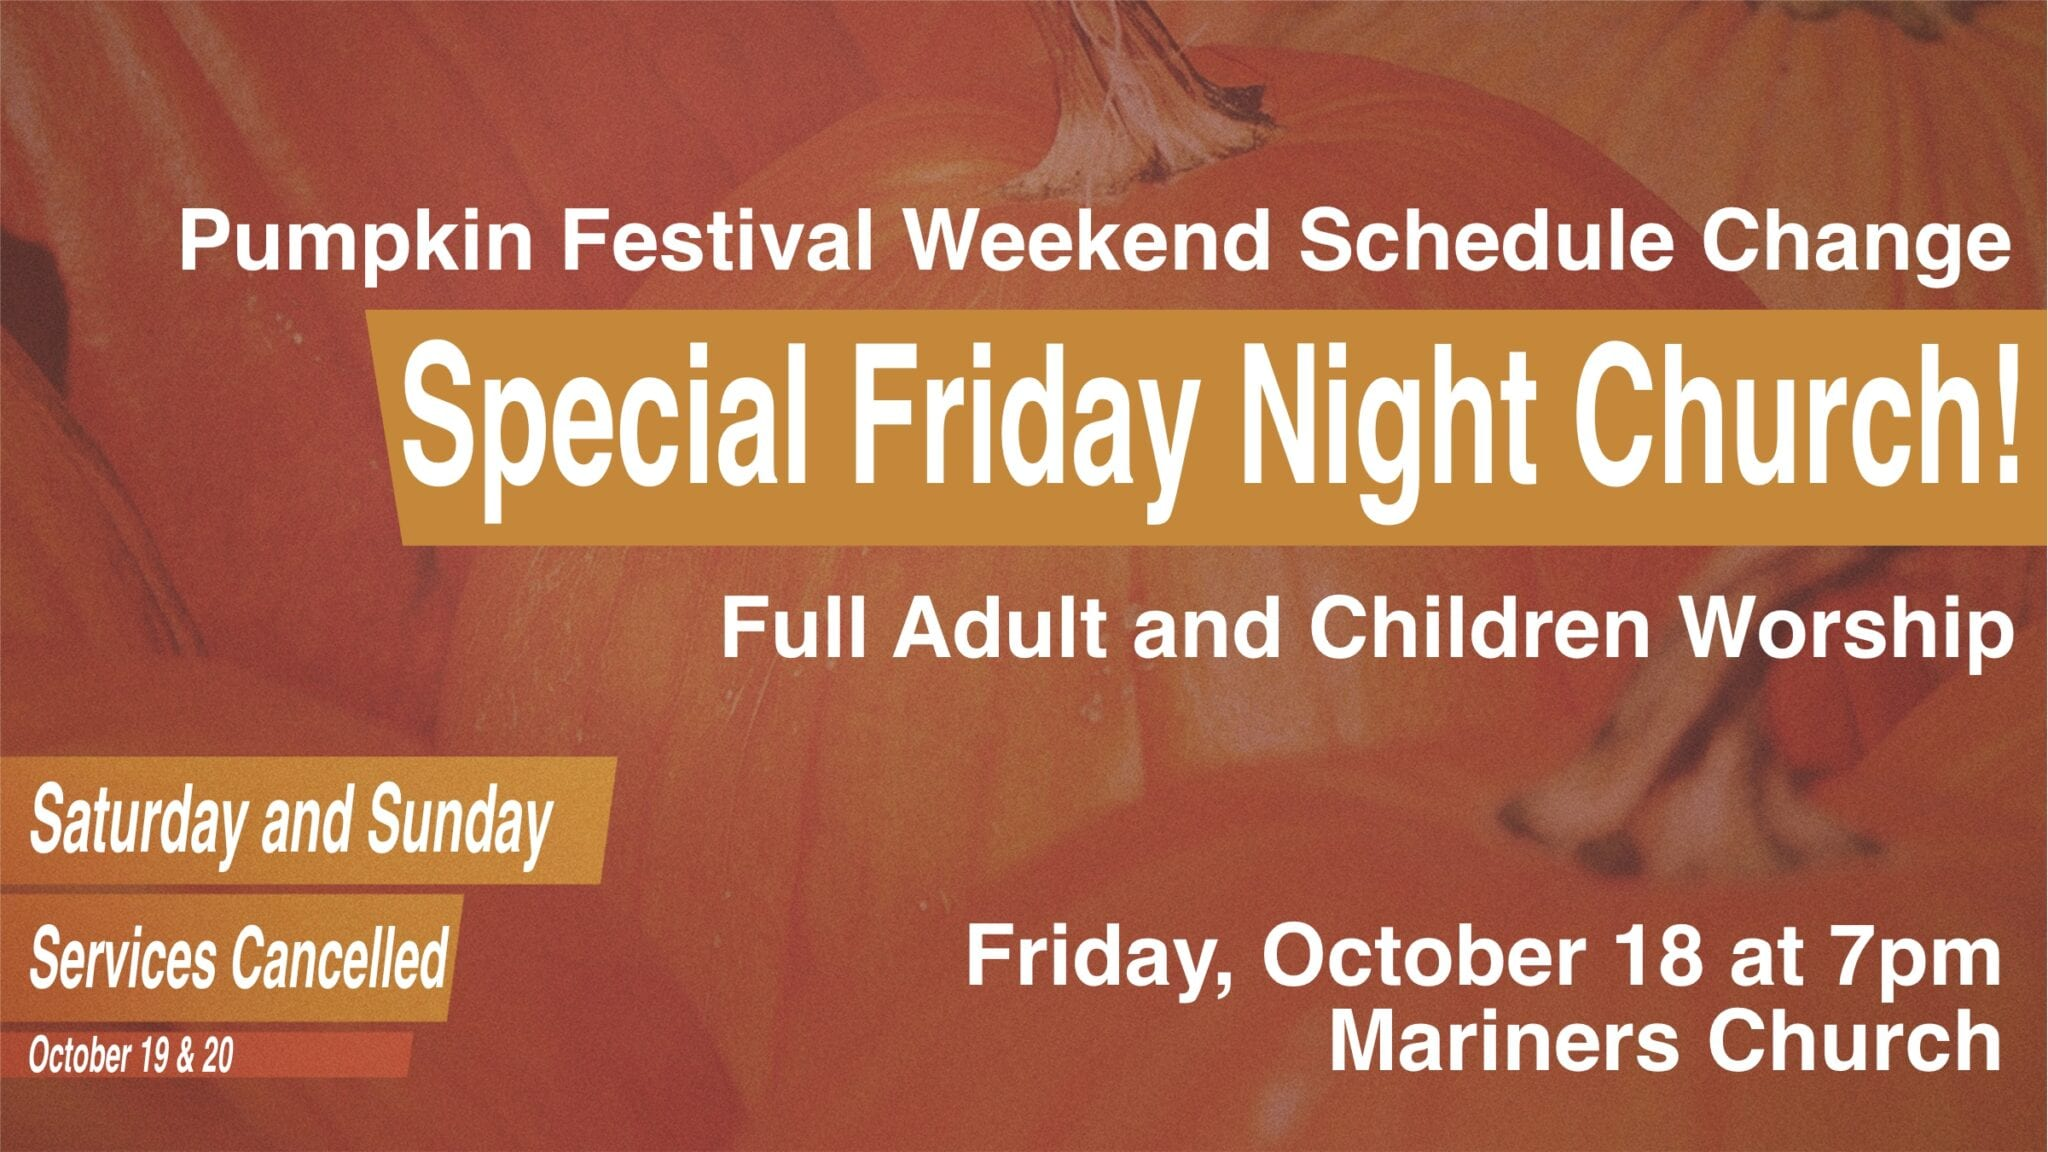 Pumpkin Festival Weekend Service Change